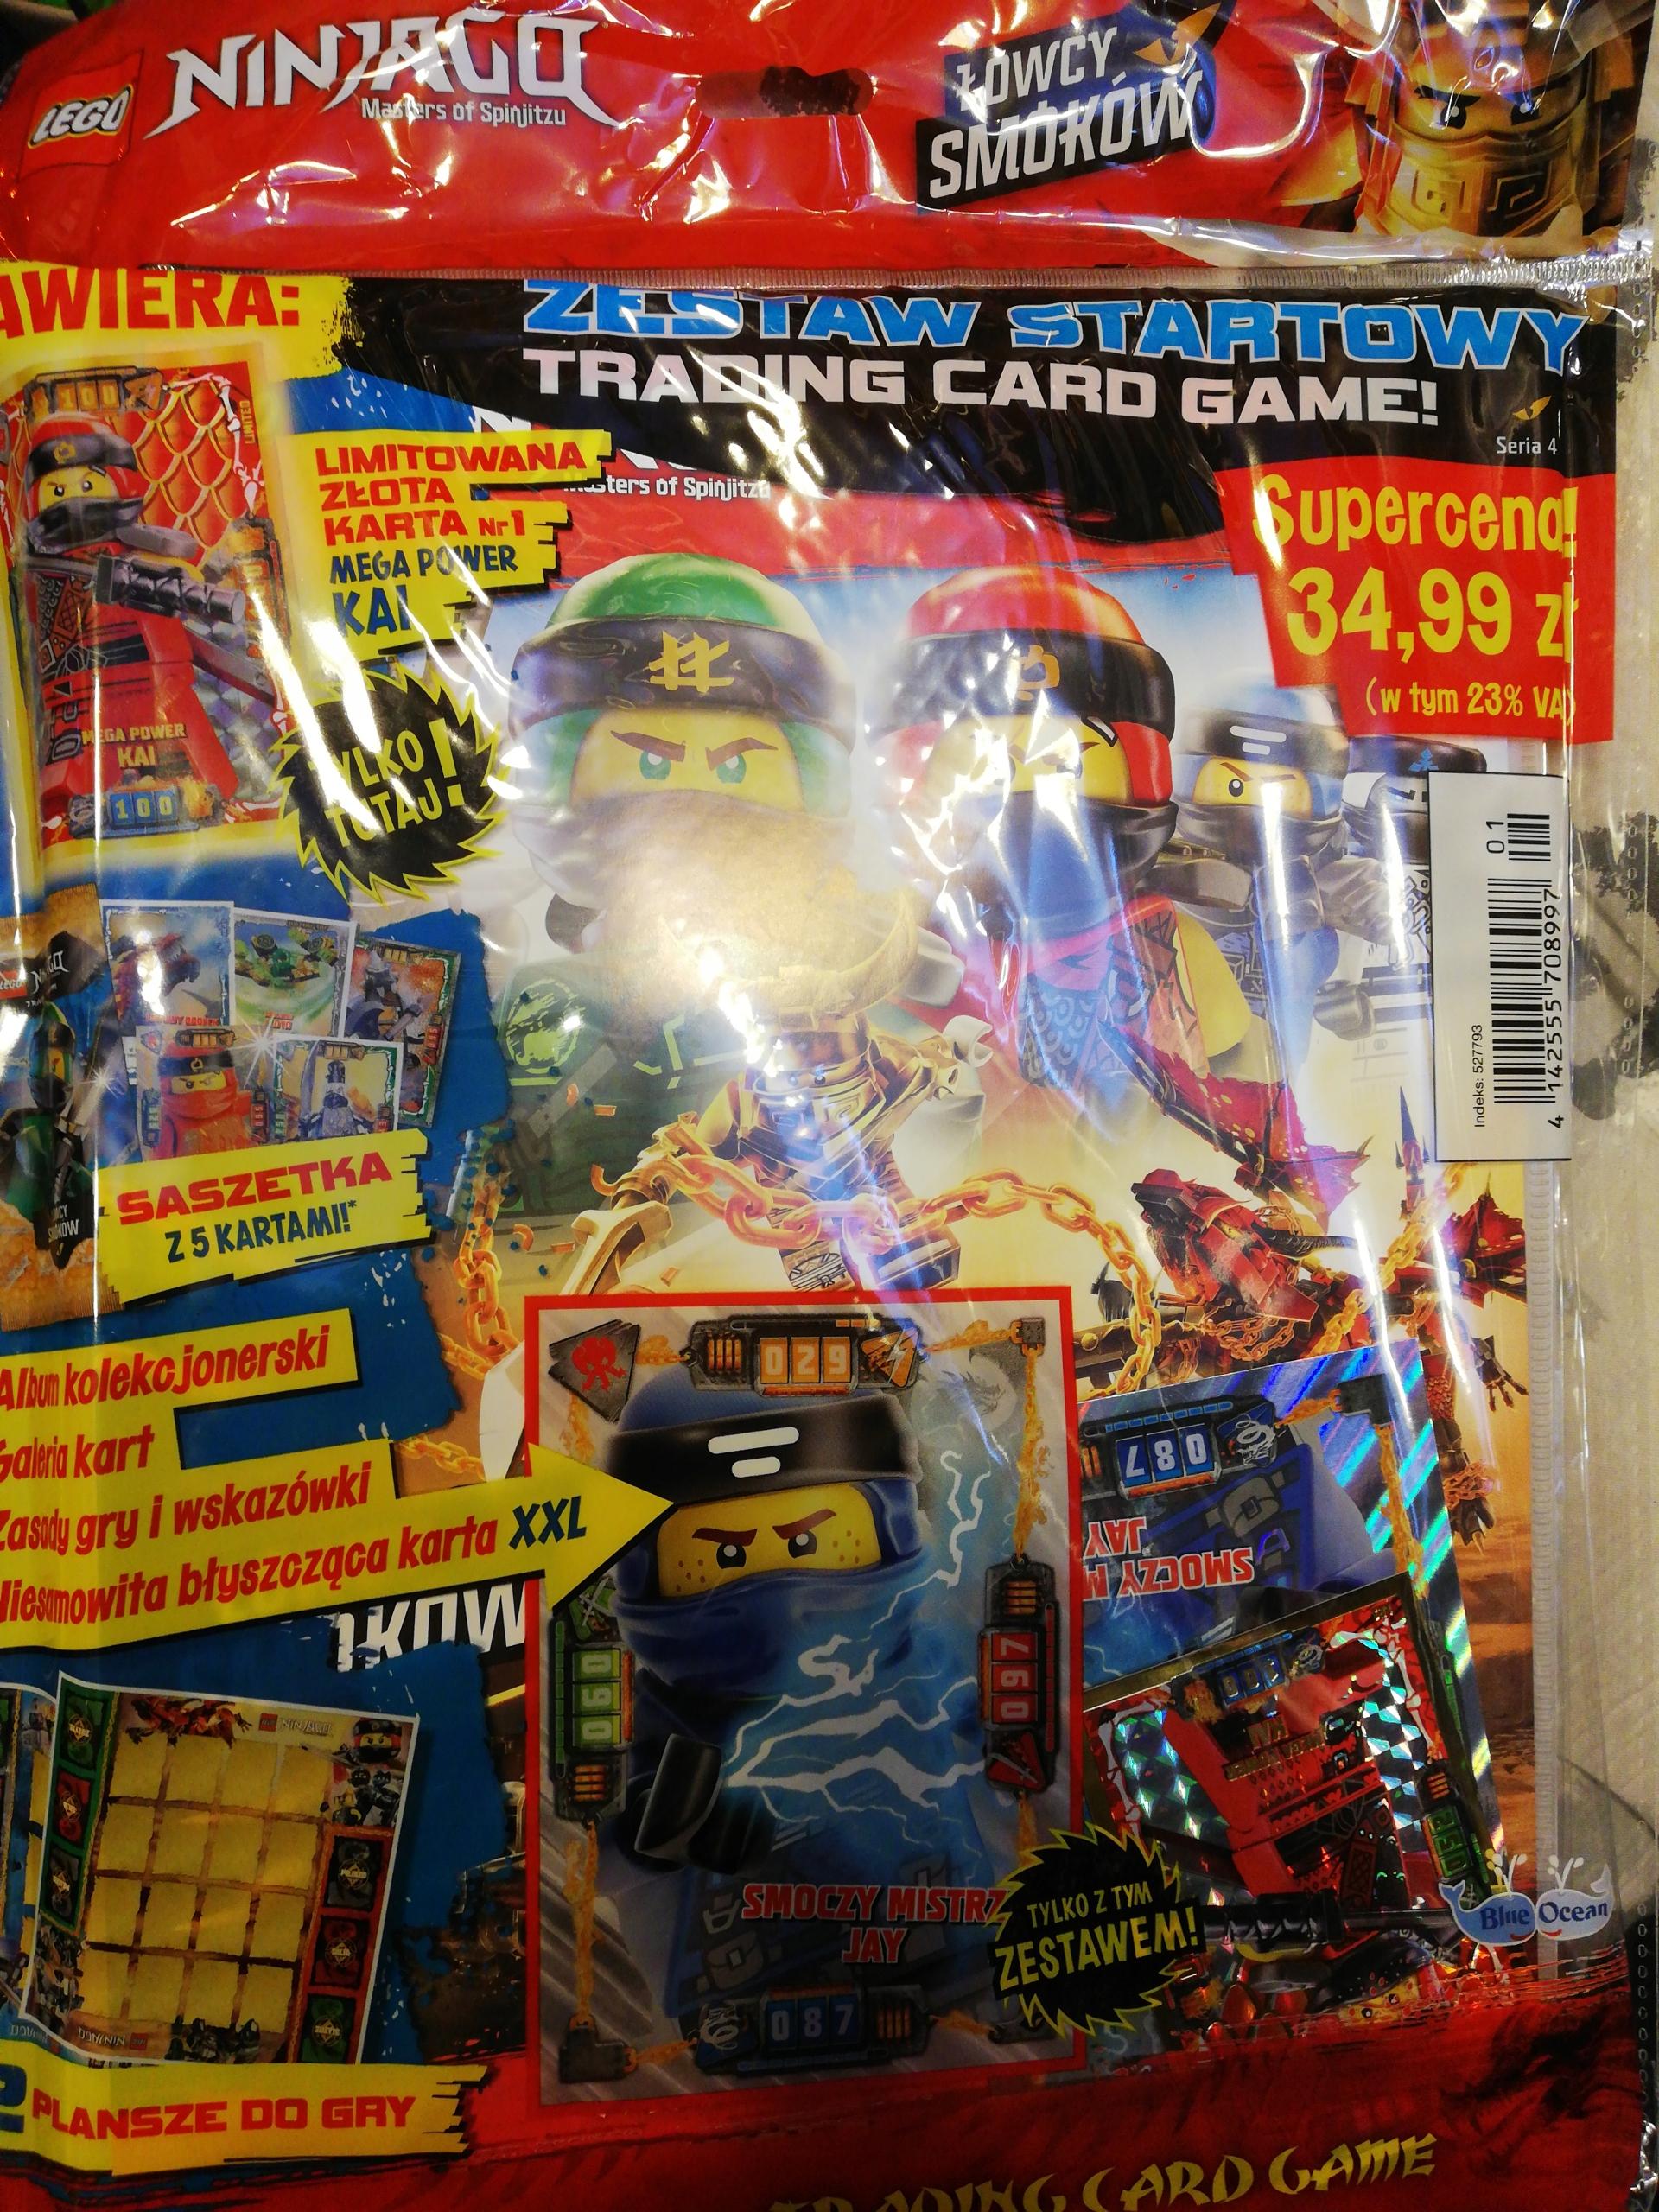 Wspaniały Lego Ninjago Zestaw startowy album Łowcy smoków - 7801285865 QO19